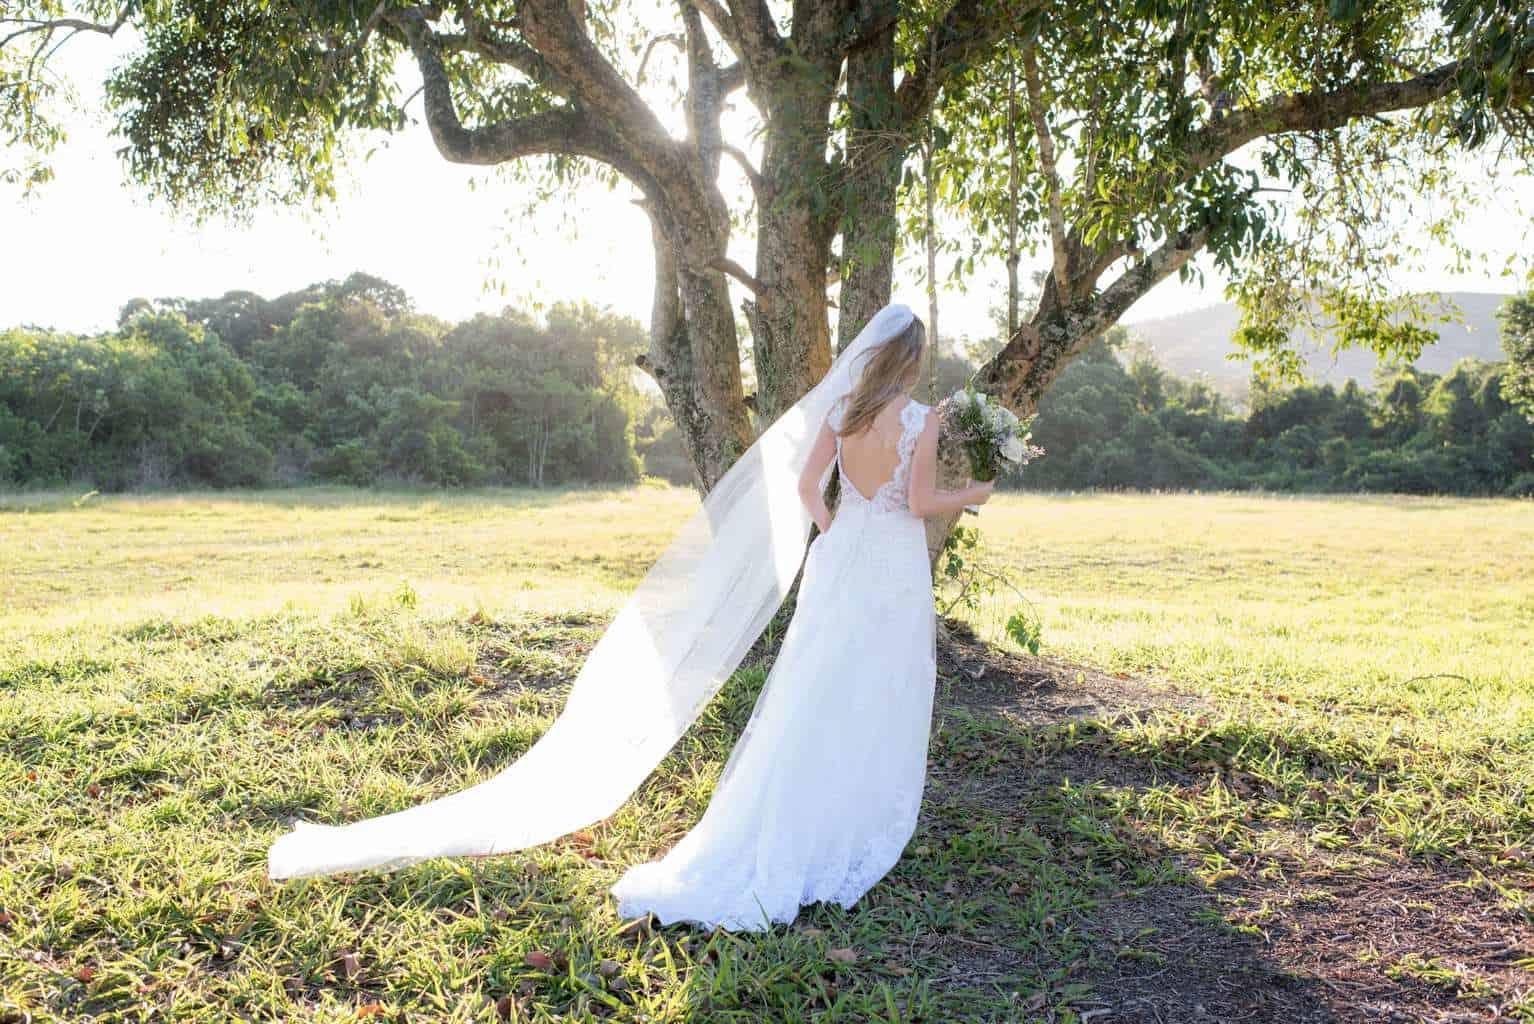 casamento-de-dia-casamento-Nicole-e-Thales-casamento-no-jardim-csasamento-ao-ar-livre-Fotografia-Marina-Fava-Galeria-Jardim-Rio-de-Janeiro-70